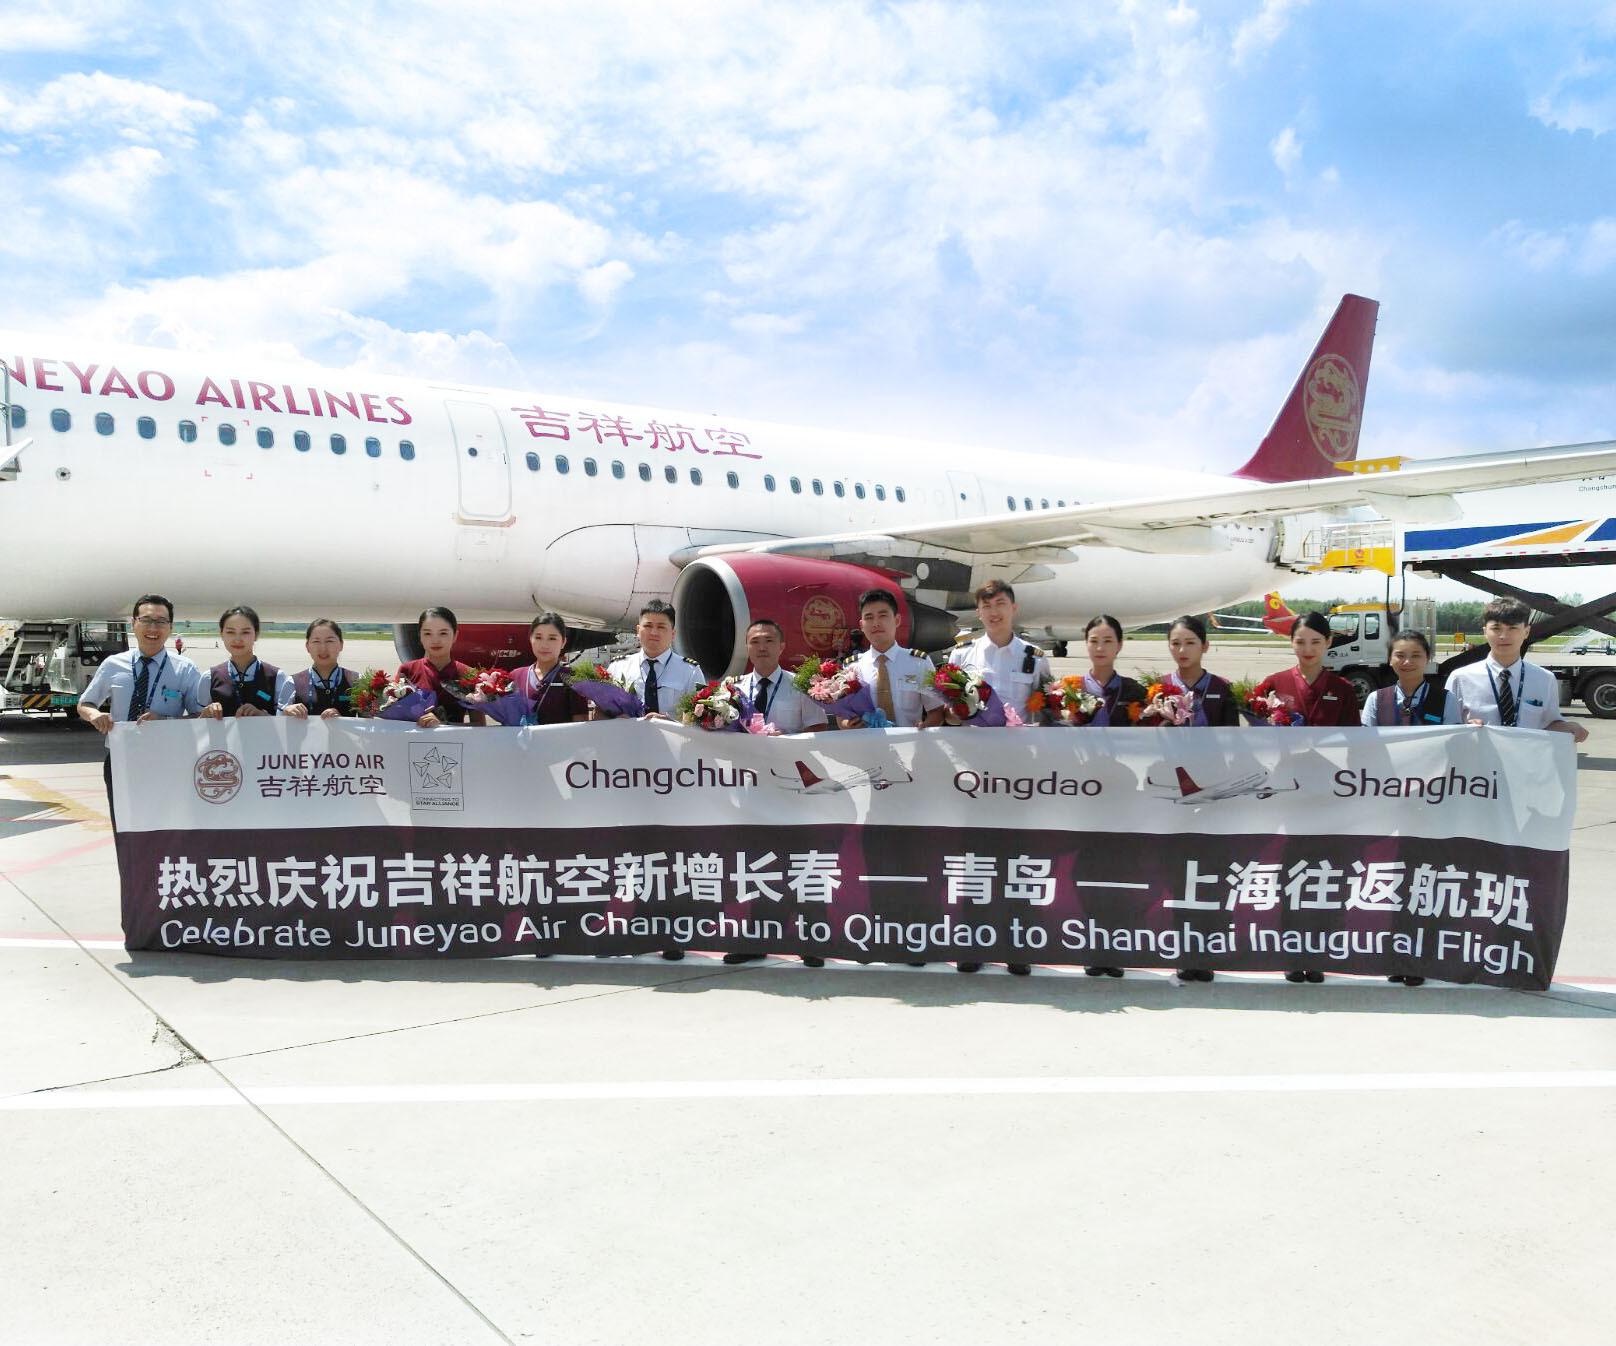 吉祥航空上海=青岛=长春航线盛大开航